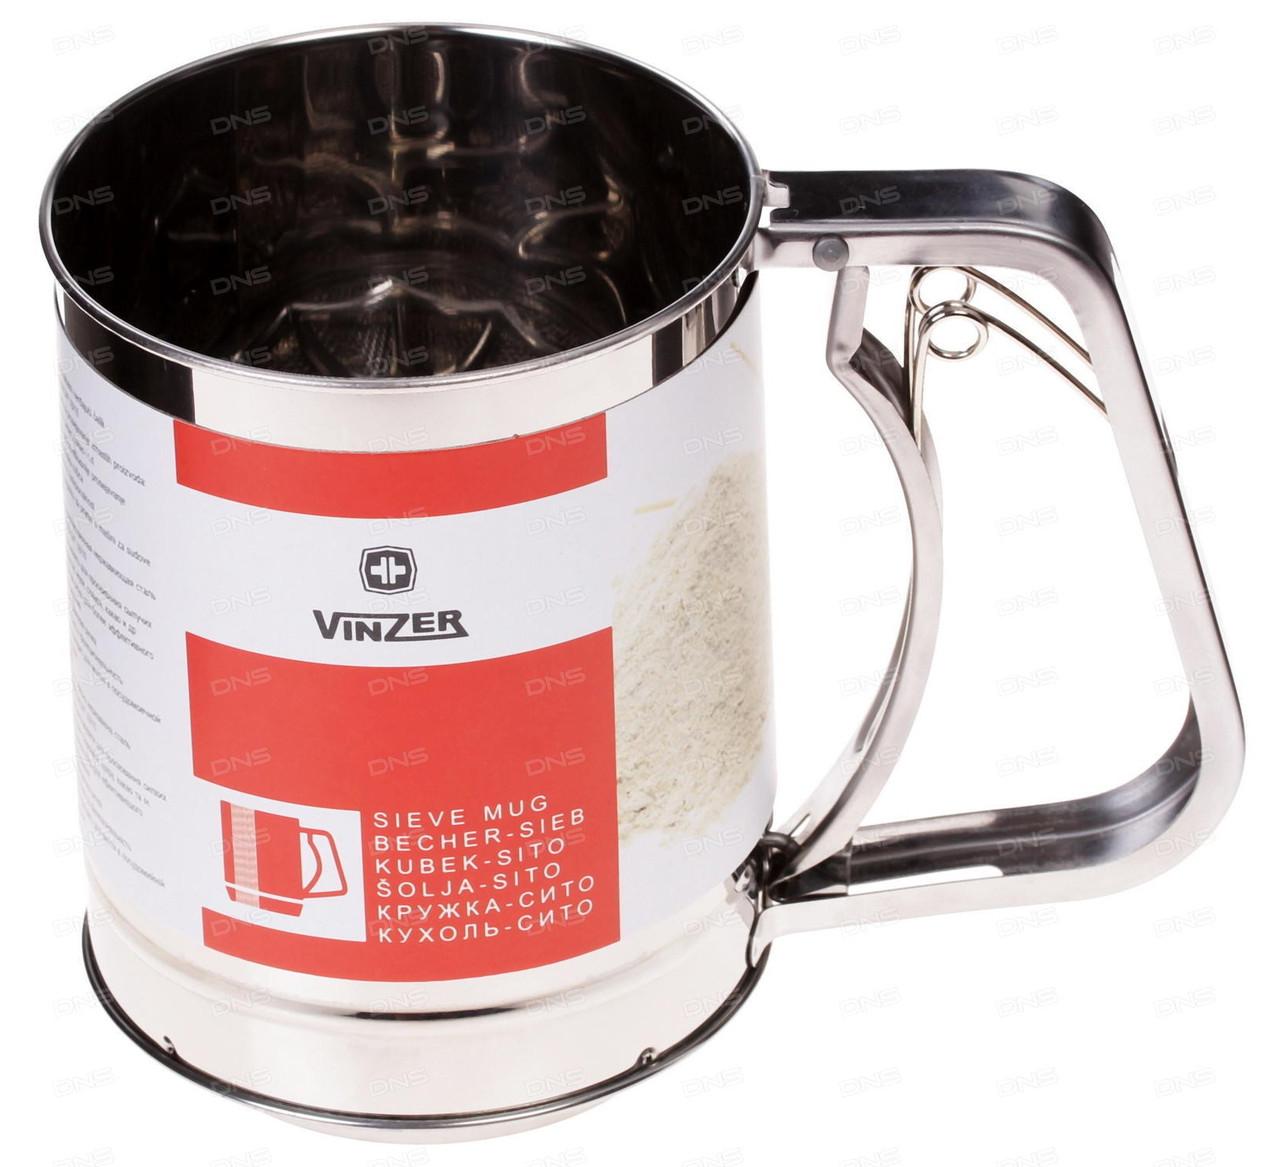 Кружка-сито из нержавеющей стали Vinzer 89254   сито для просеивания муки   ситечко просеиватель муки Винзер